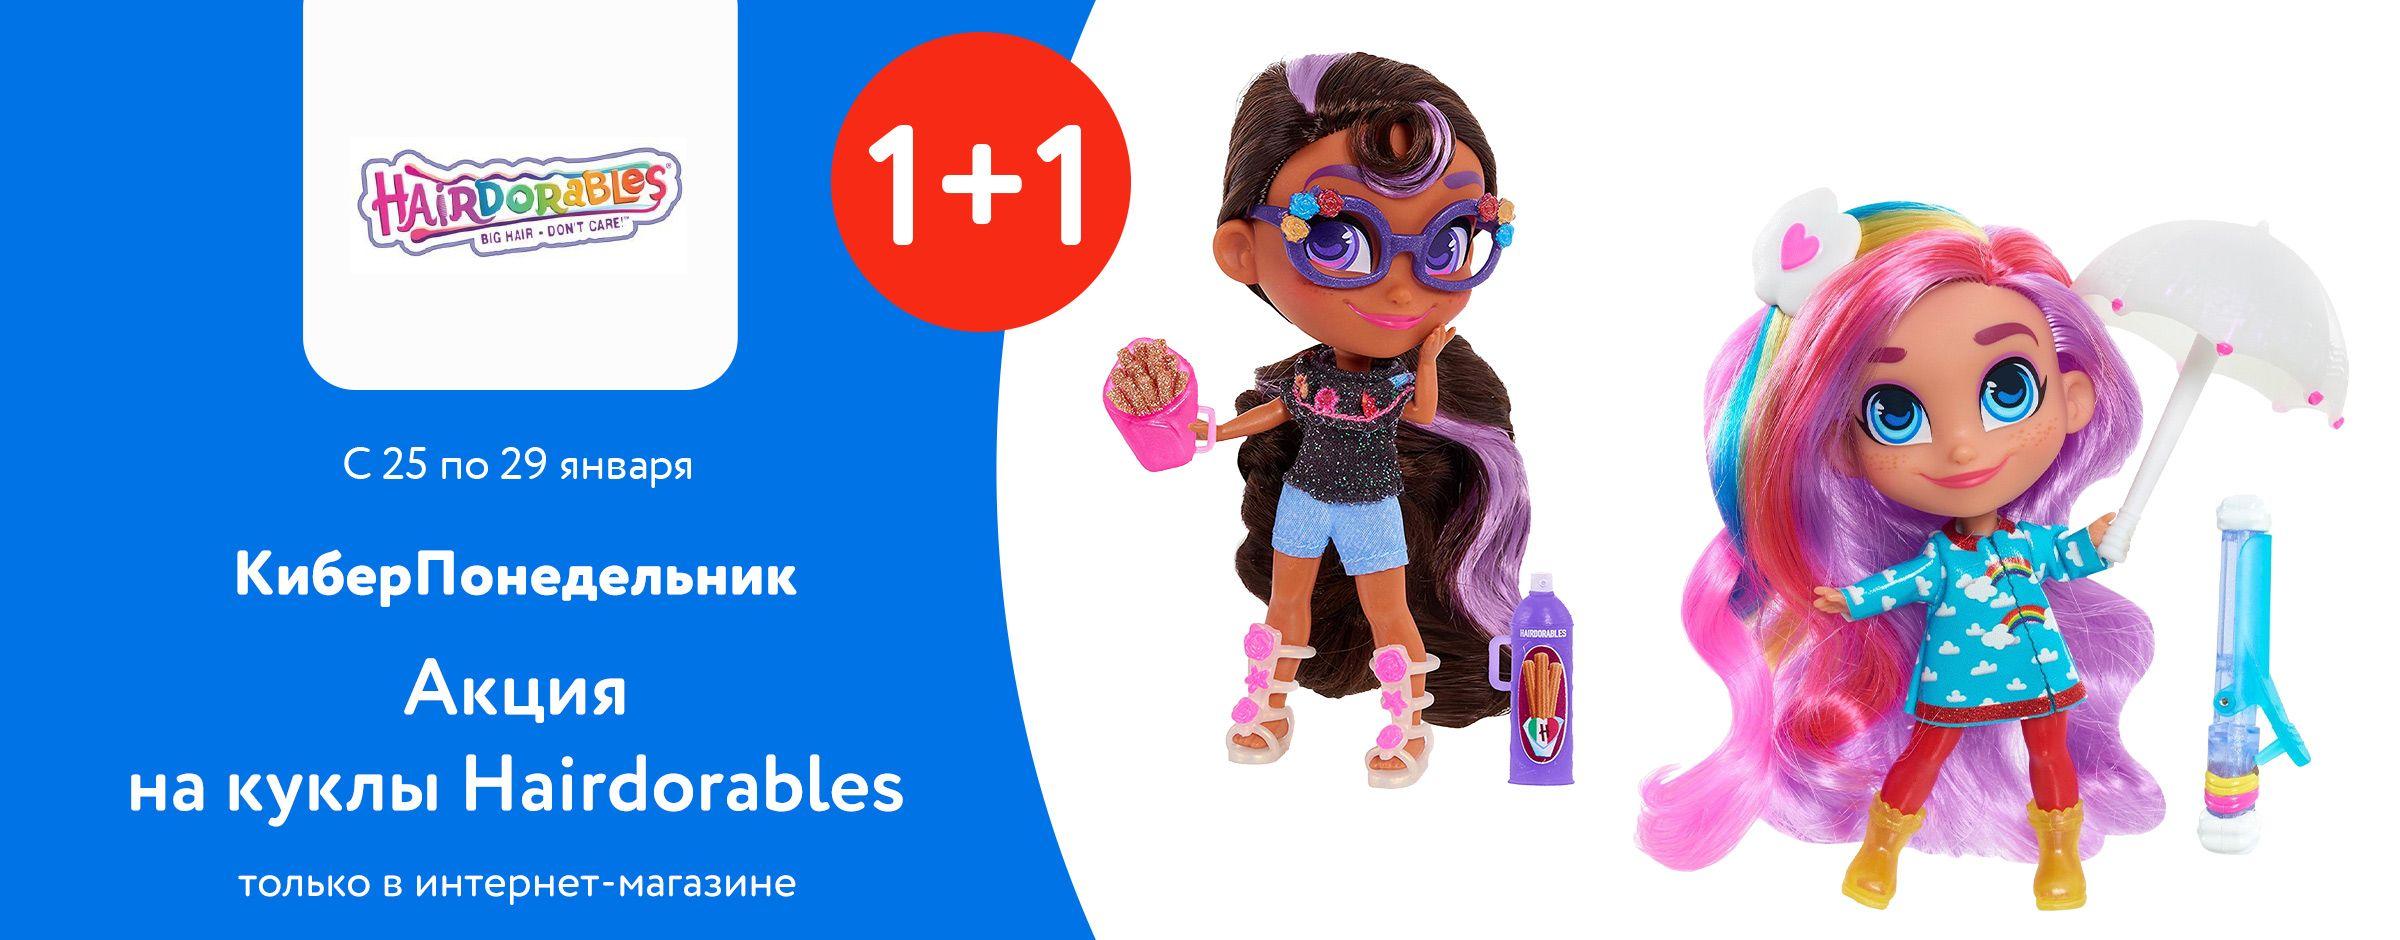 1+1 на куклы Hairdorables статика